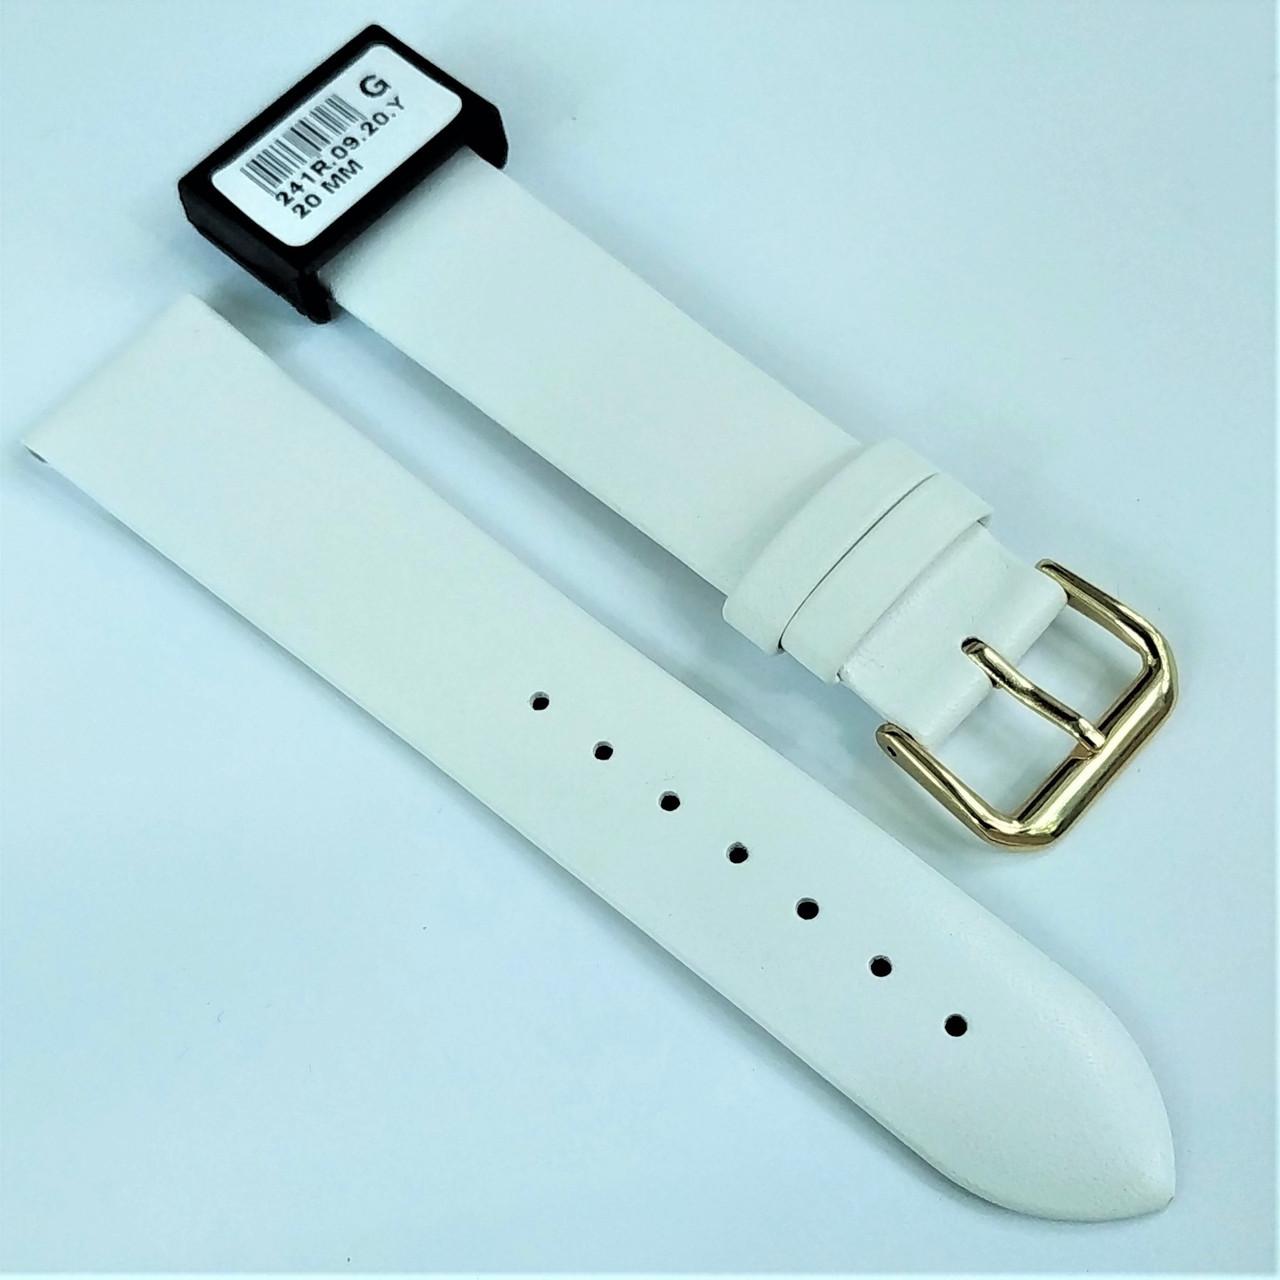 20 мм Кожаный Ремешок для часов CONDOR 241.20.09 Белый Ремешок на часы из Натуральной кожи